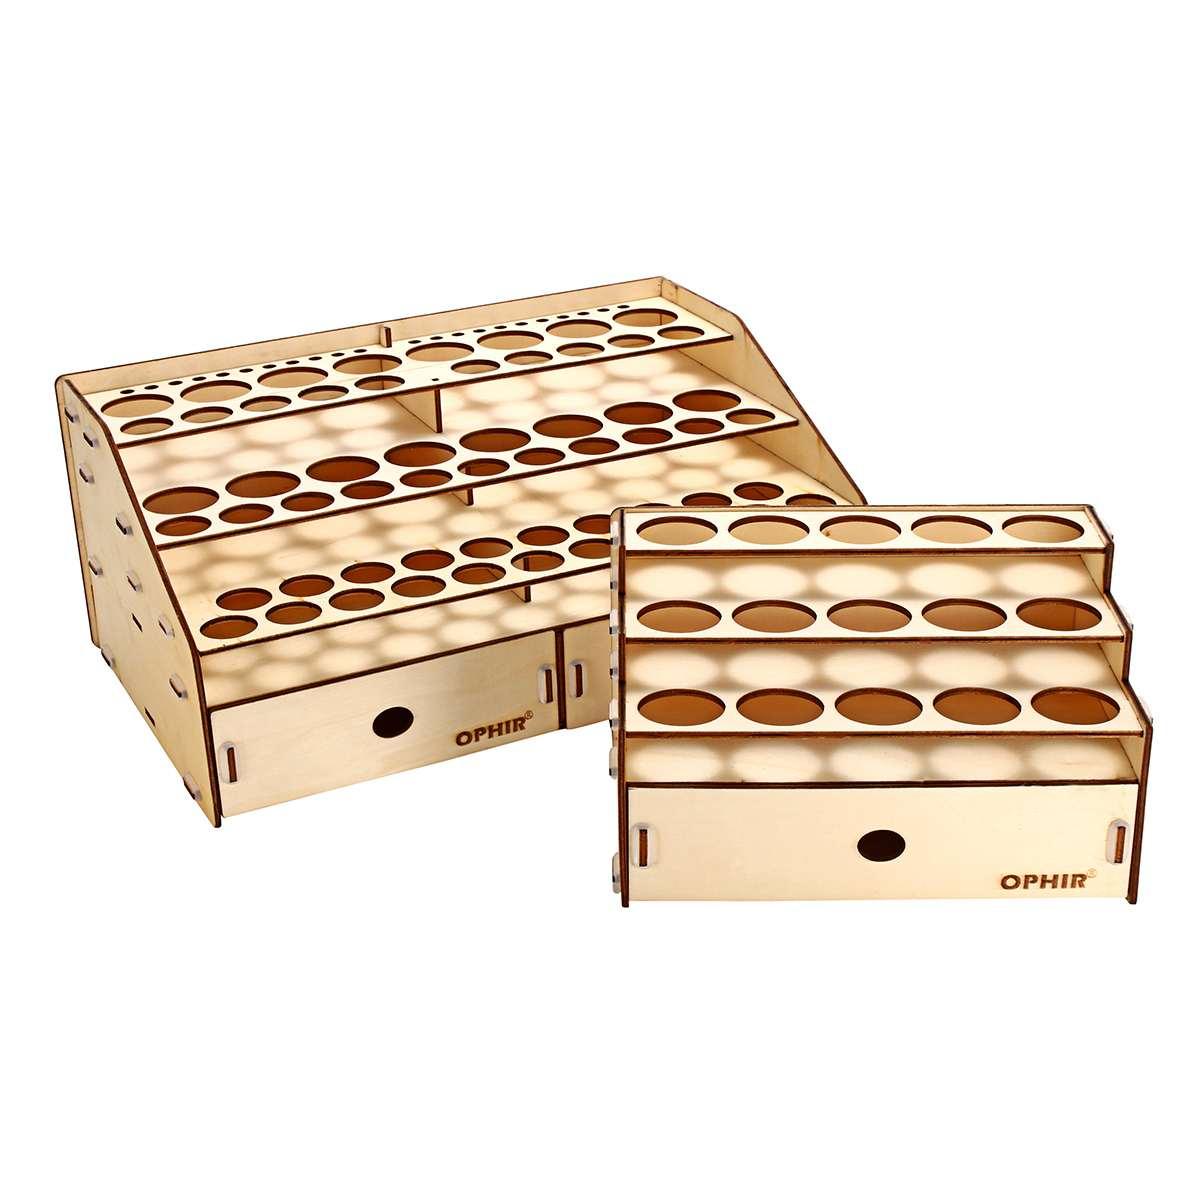 Nueva botella para pigmento de madera de 3 capas organizador de almacenamiento en cajones 15/80 agujeros Color pintura tinta pincel Stand Rack Modular